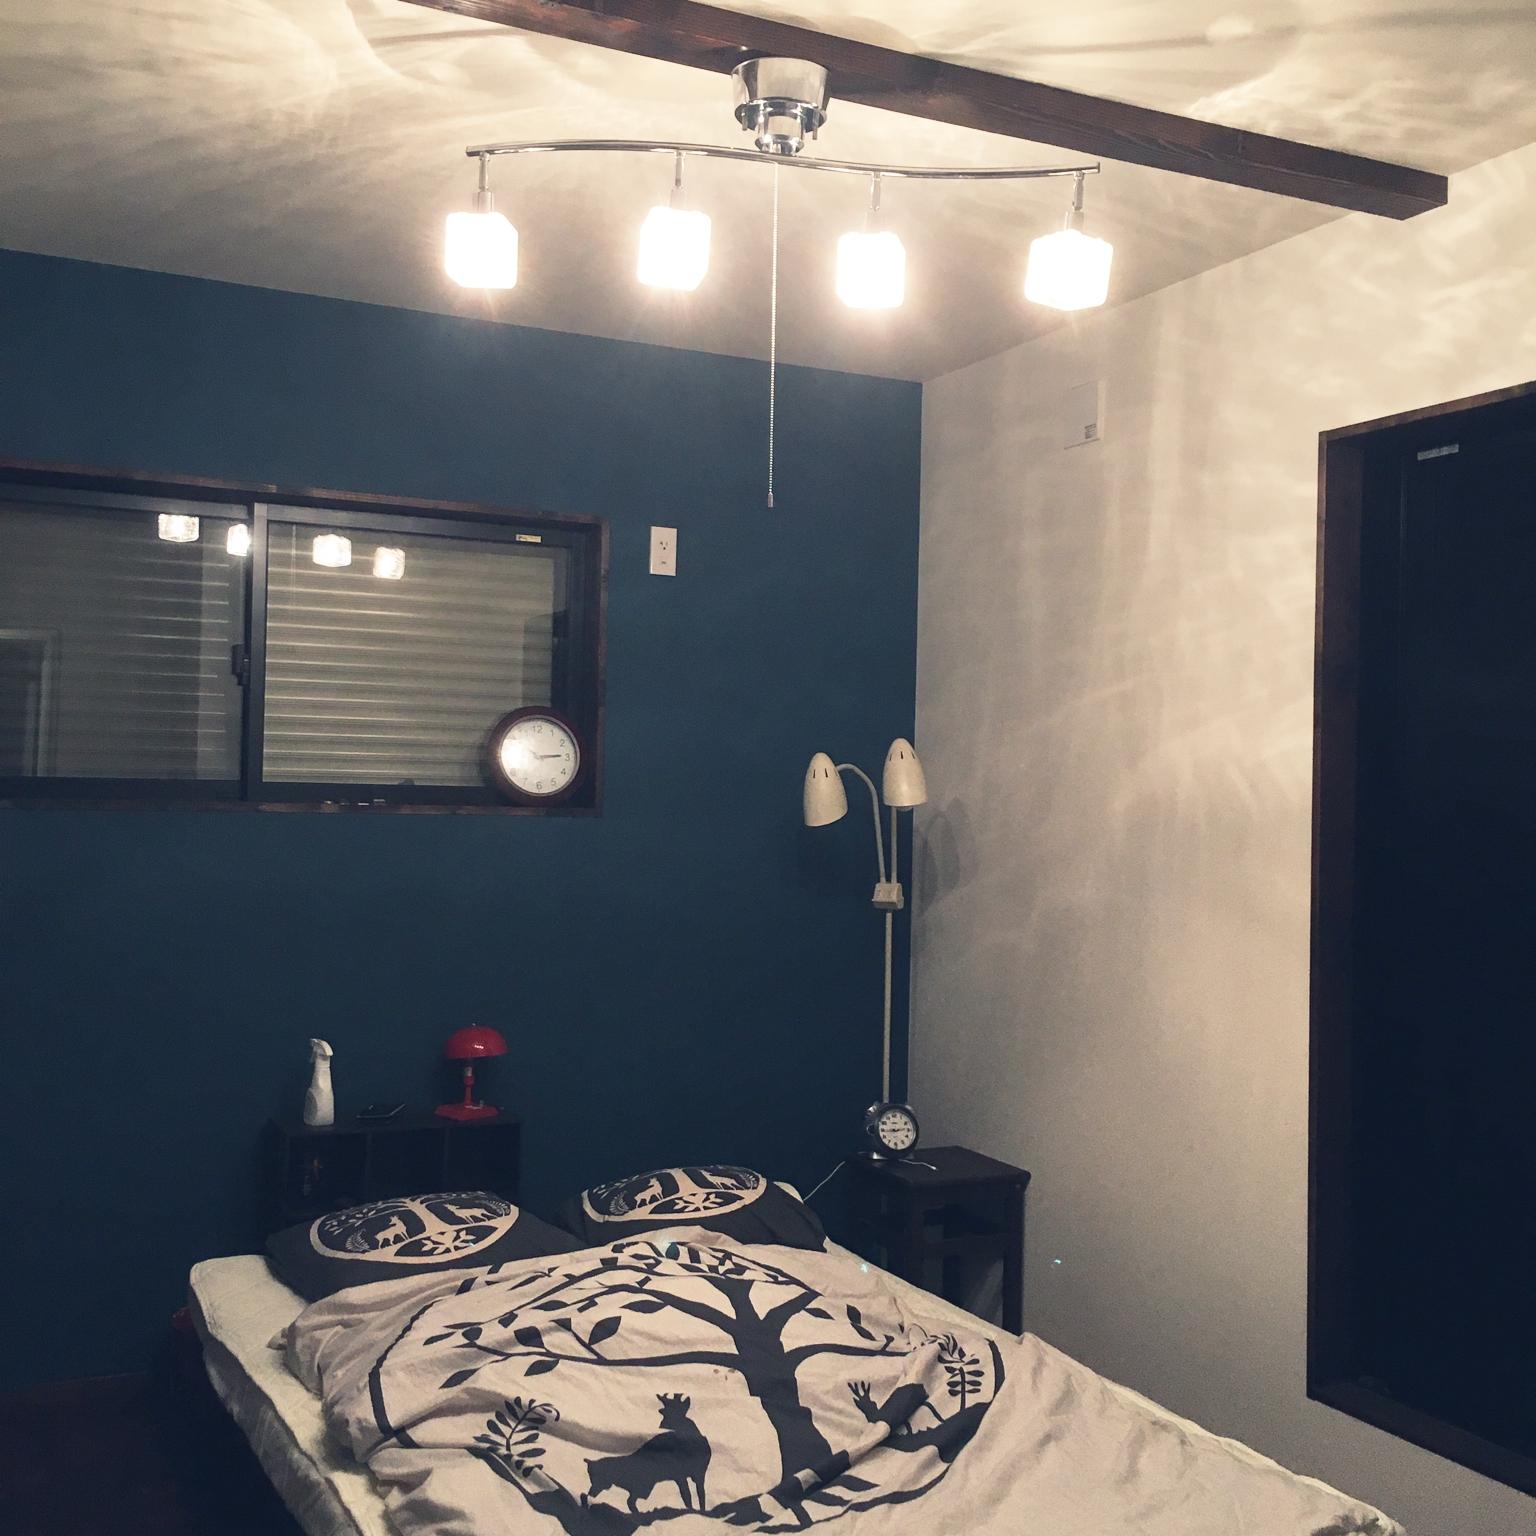 の無垢材の床/注文住宅/無垢材/アクセントクロス/アクセントクロス ブルー/IKEA…などについてのインテリア実例を紹介。